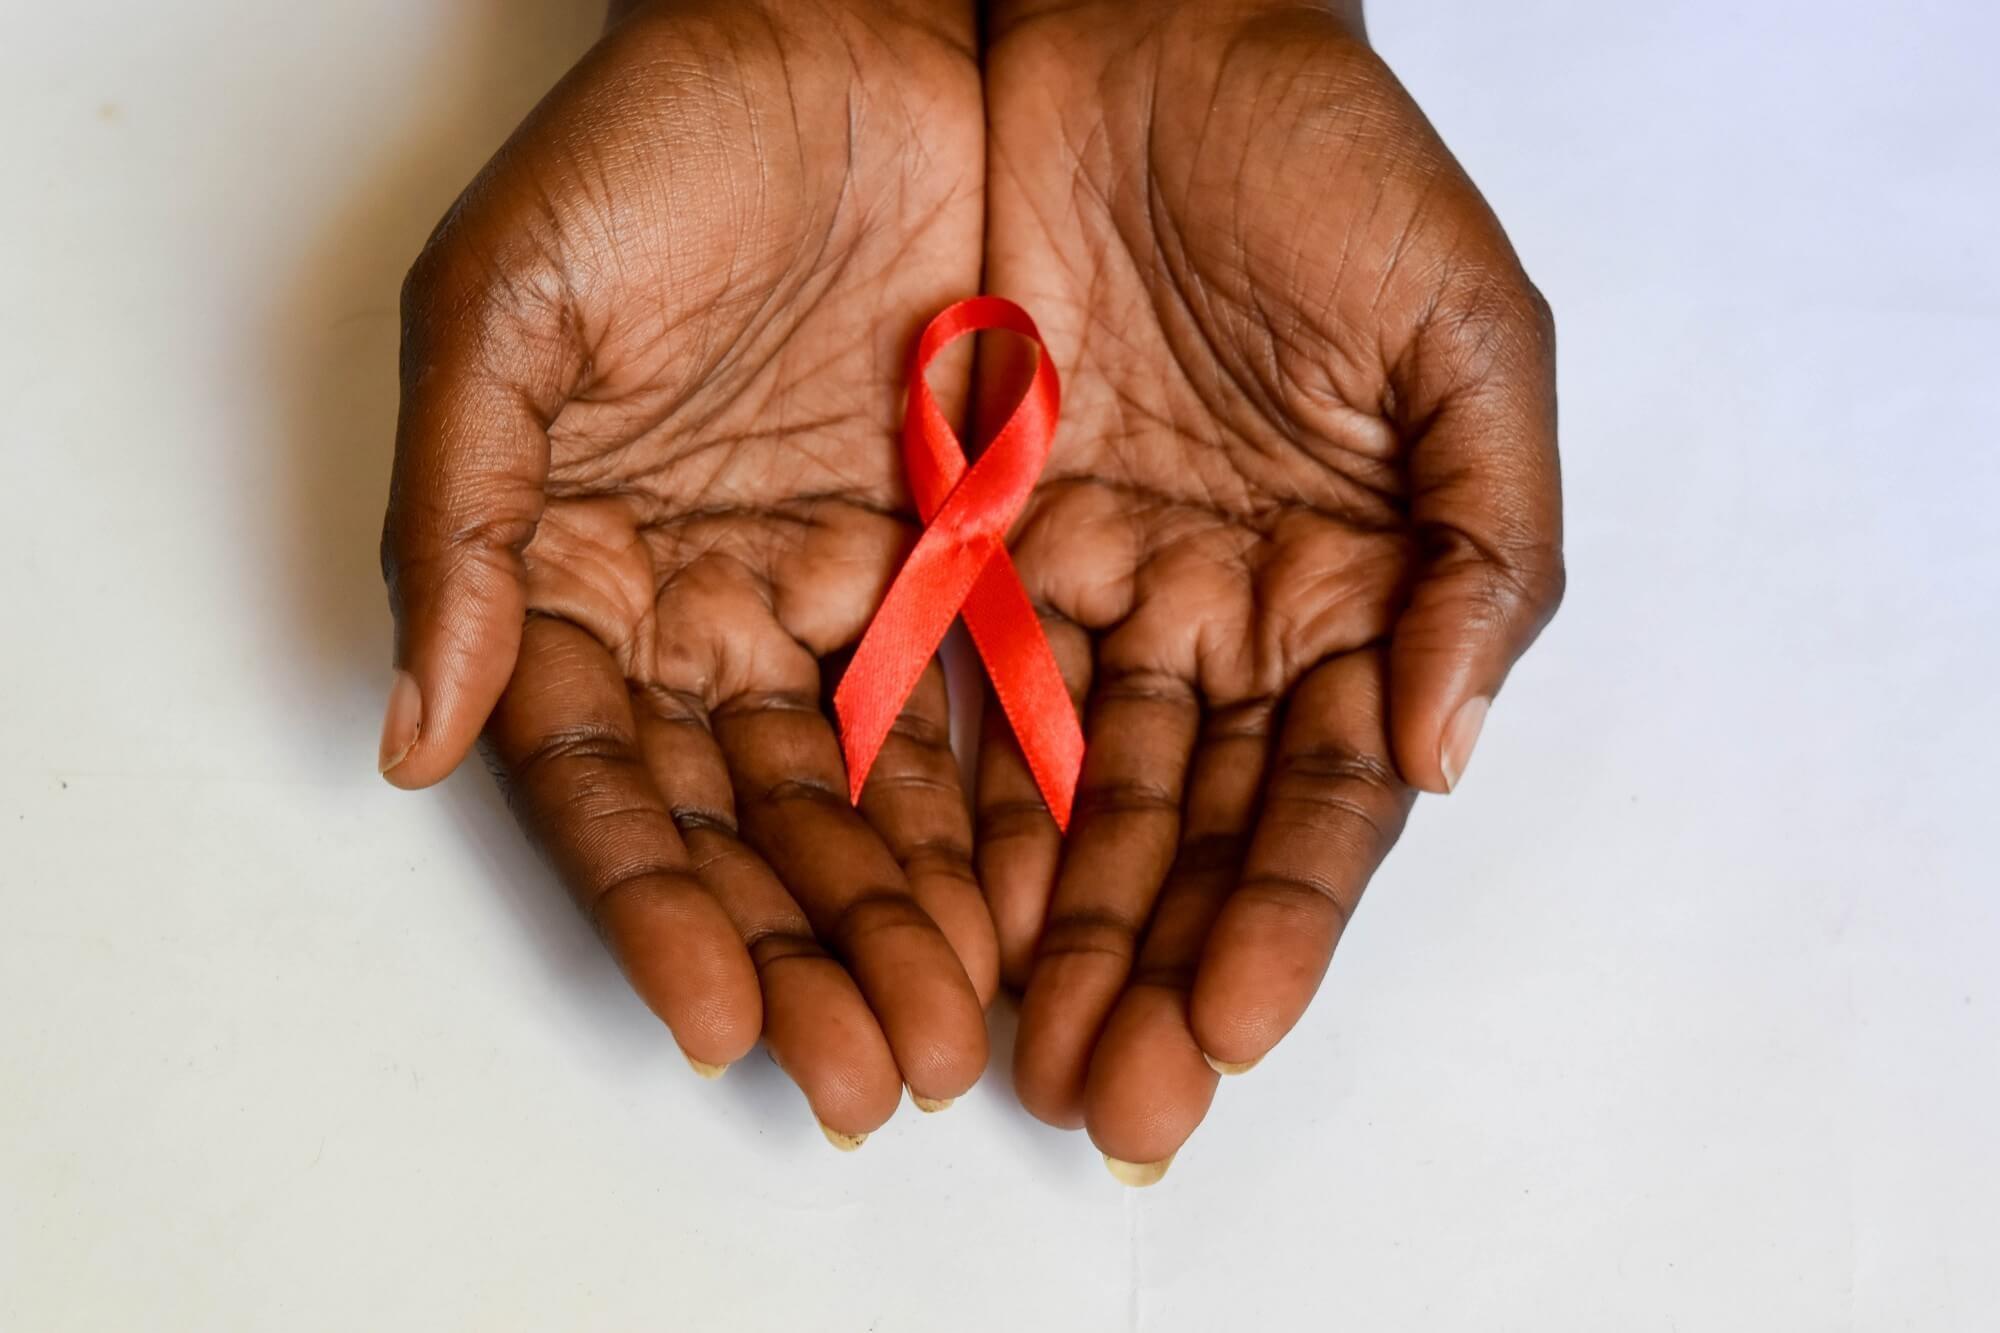 HIV Diagnosis Disparities in US-Born vs Non-US-Born Black Women